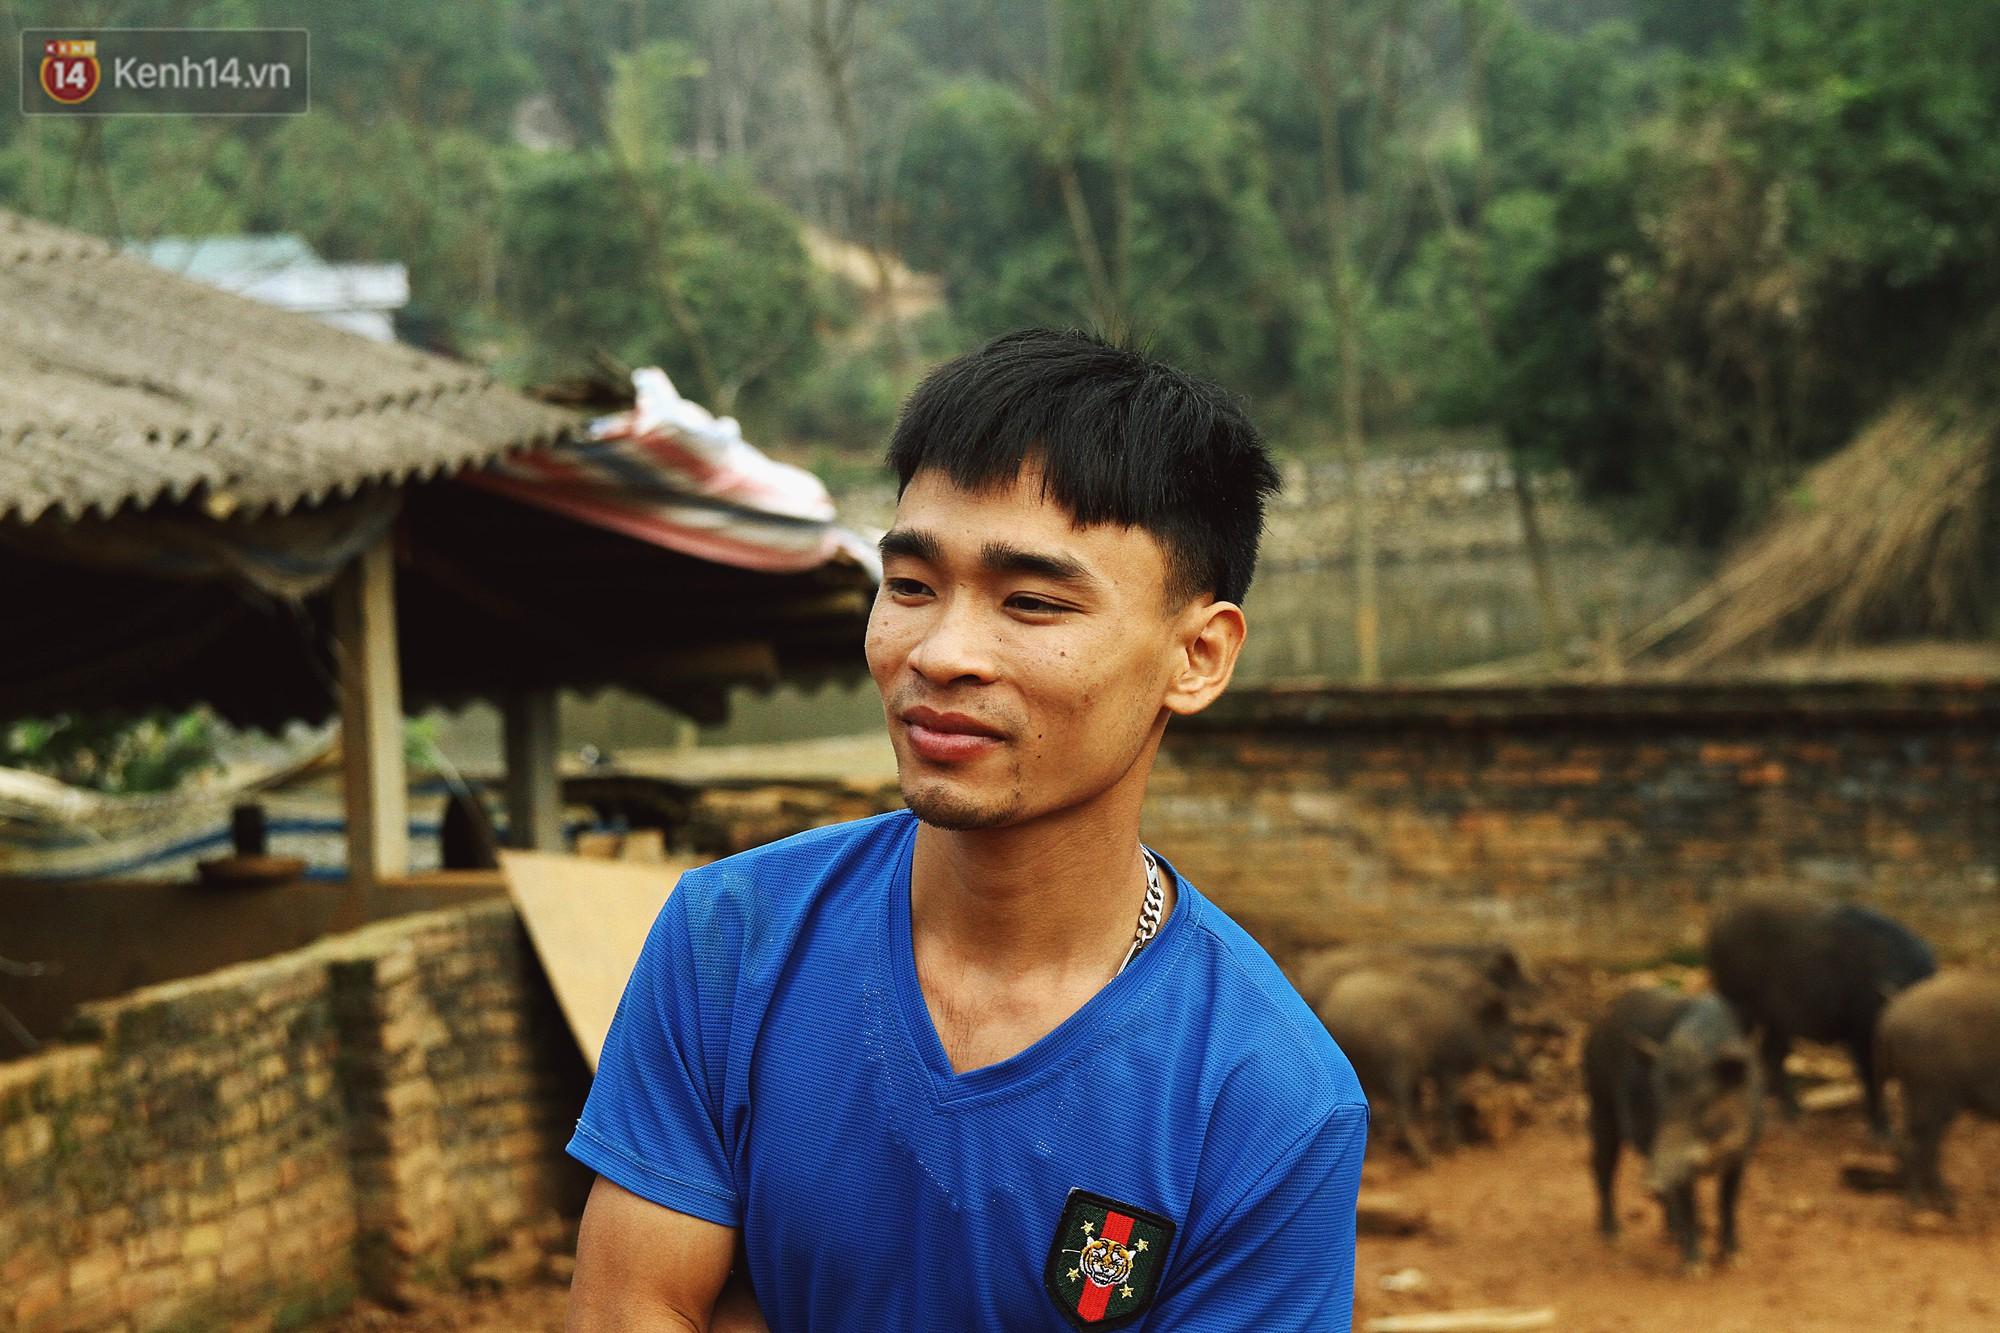 Nguyễn Văn Tùng - chàng sinh viên bỏ trường về nhà làm giàu.